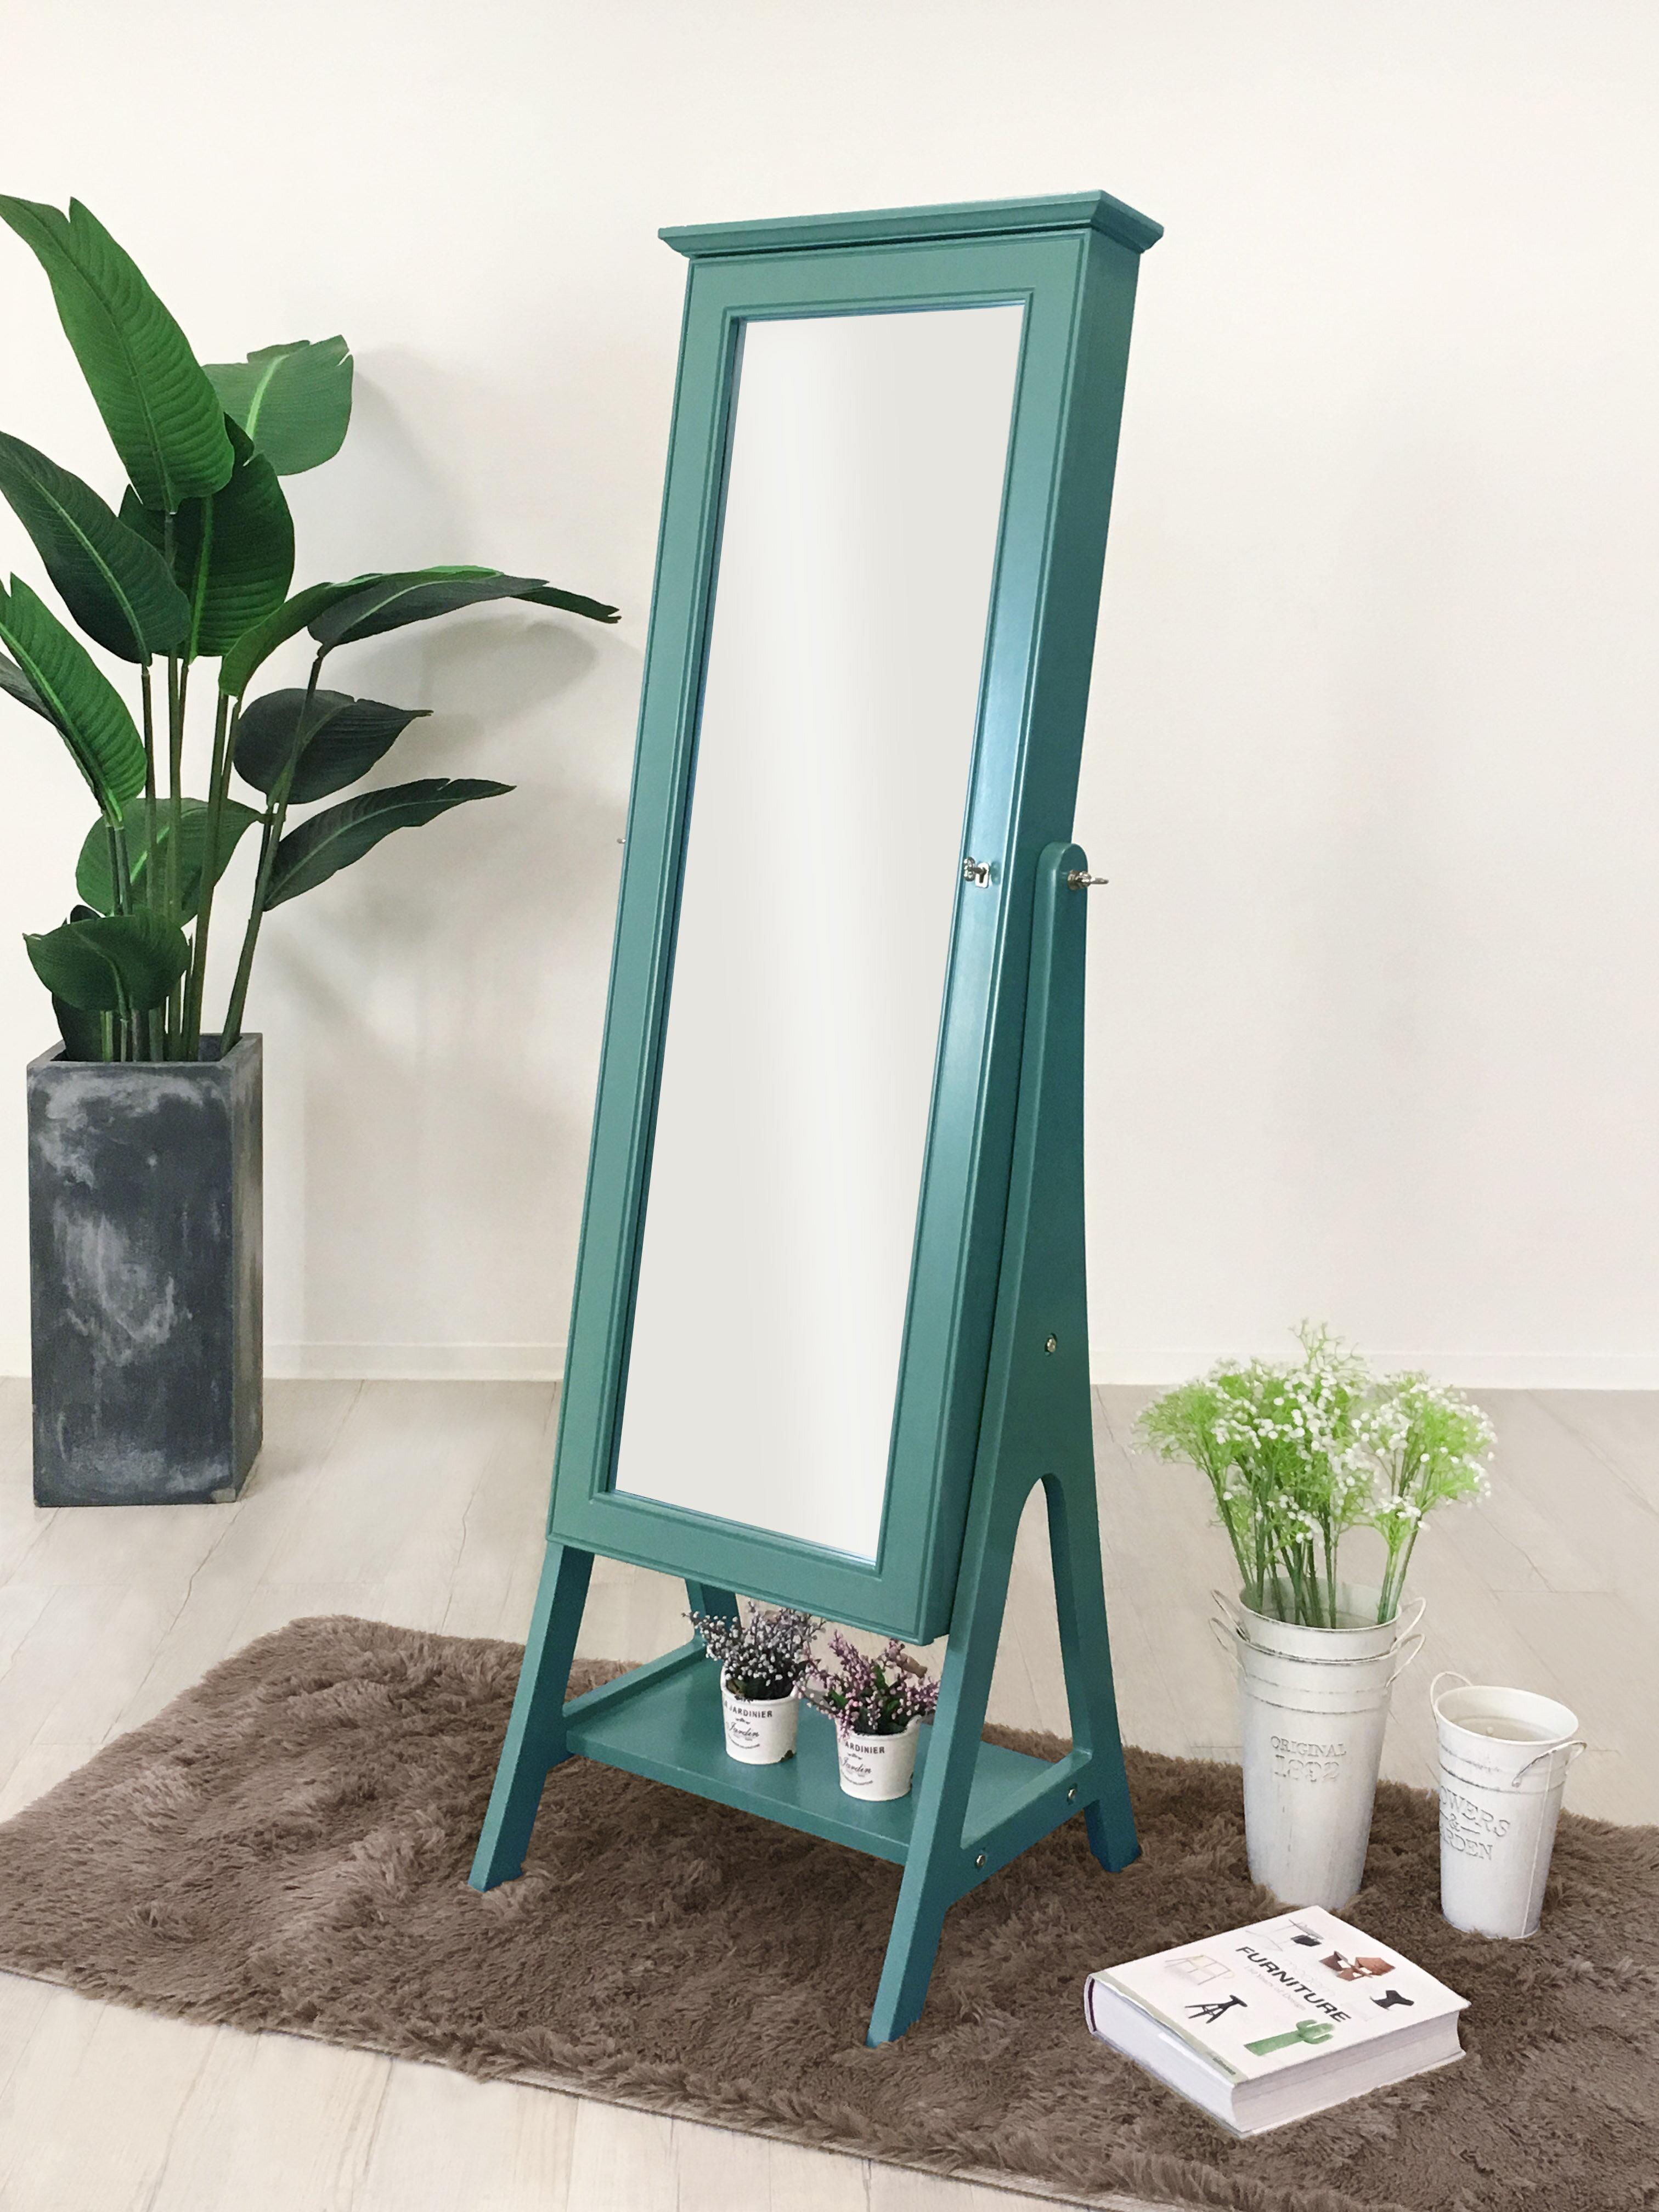 !新生活家具!《美美》綠色 白色 藍綠色 全身鏡 立鏡 穿衣鏡 化妝鏡 珠寶穿衣鏡 珠寶櫃 首飾櫃 鏡子 美式鄉村 收納